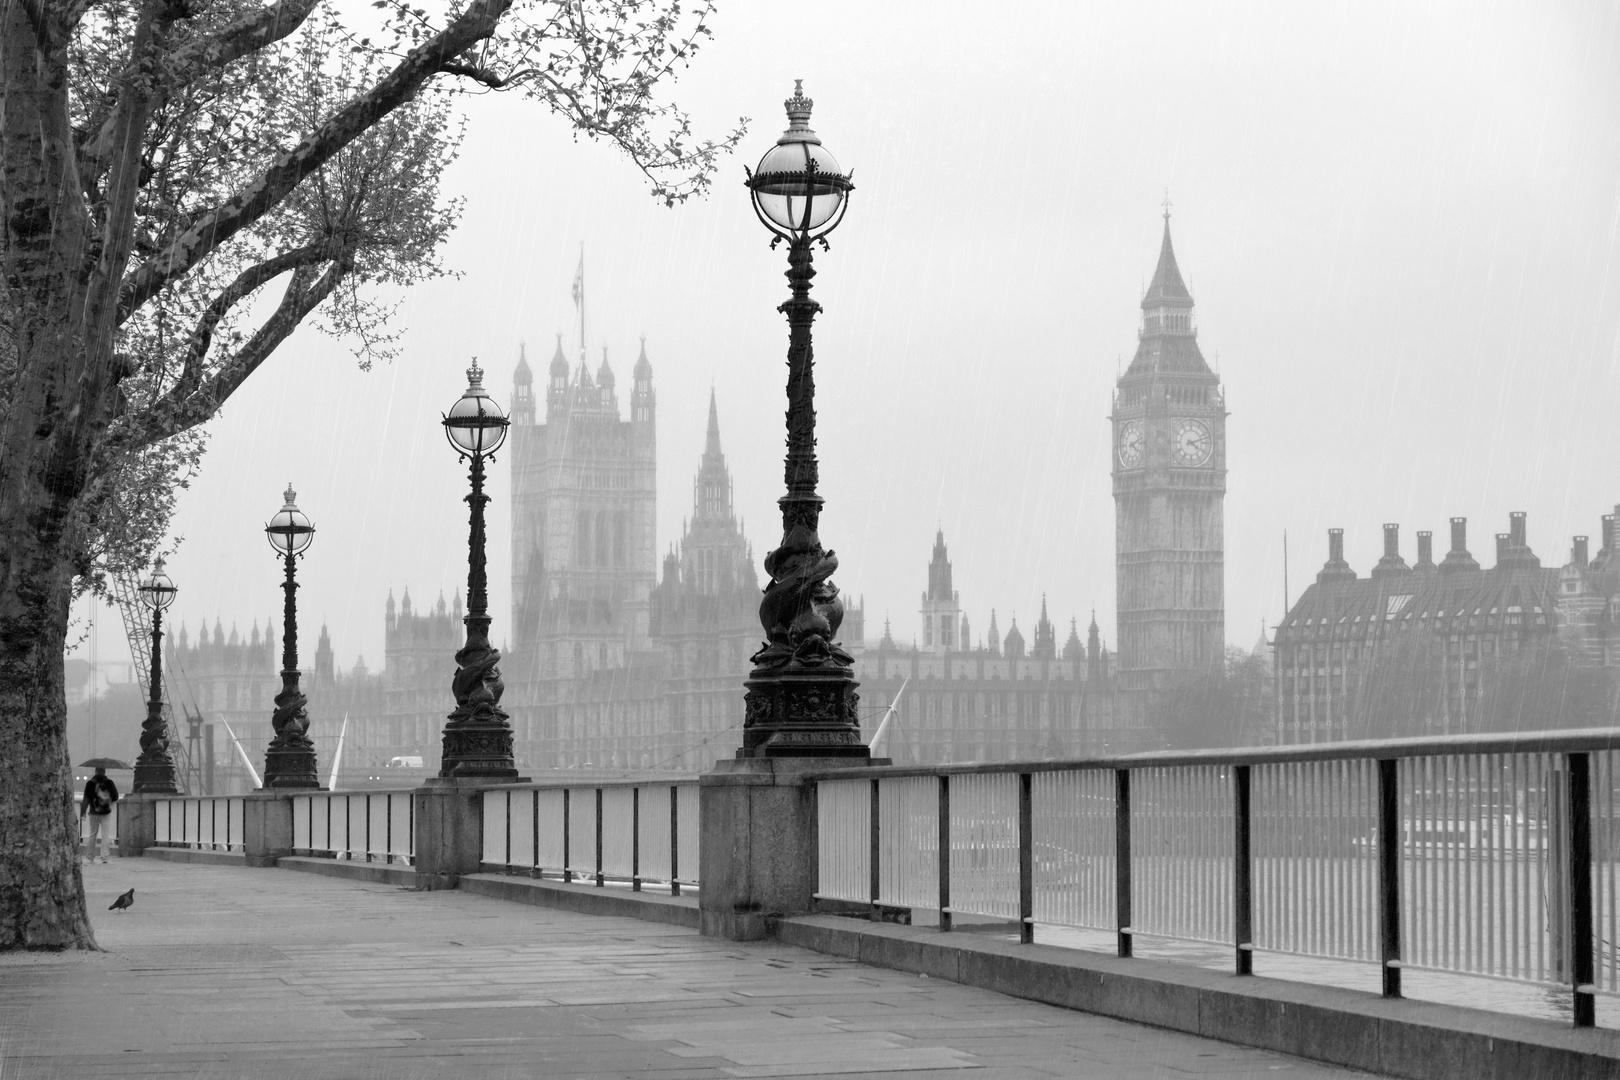 Fototapeta Londýn, černá a bílá, Westminsterské opatství, Big Ben